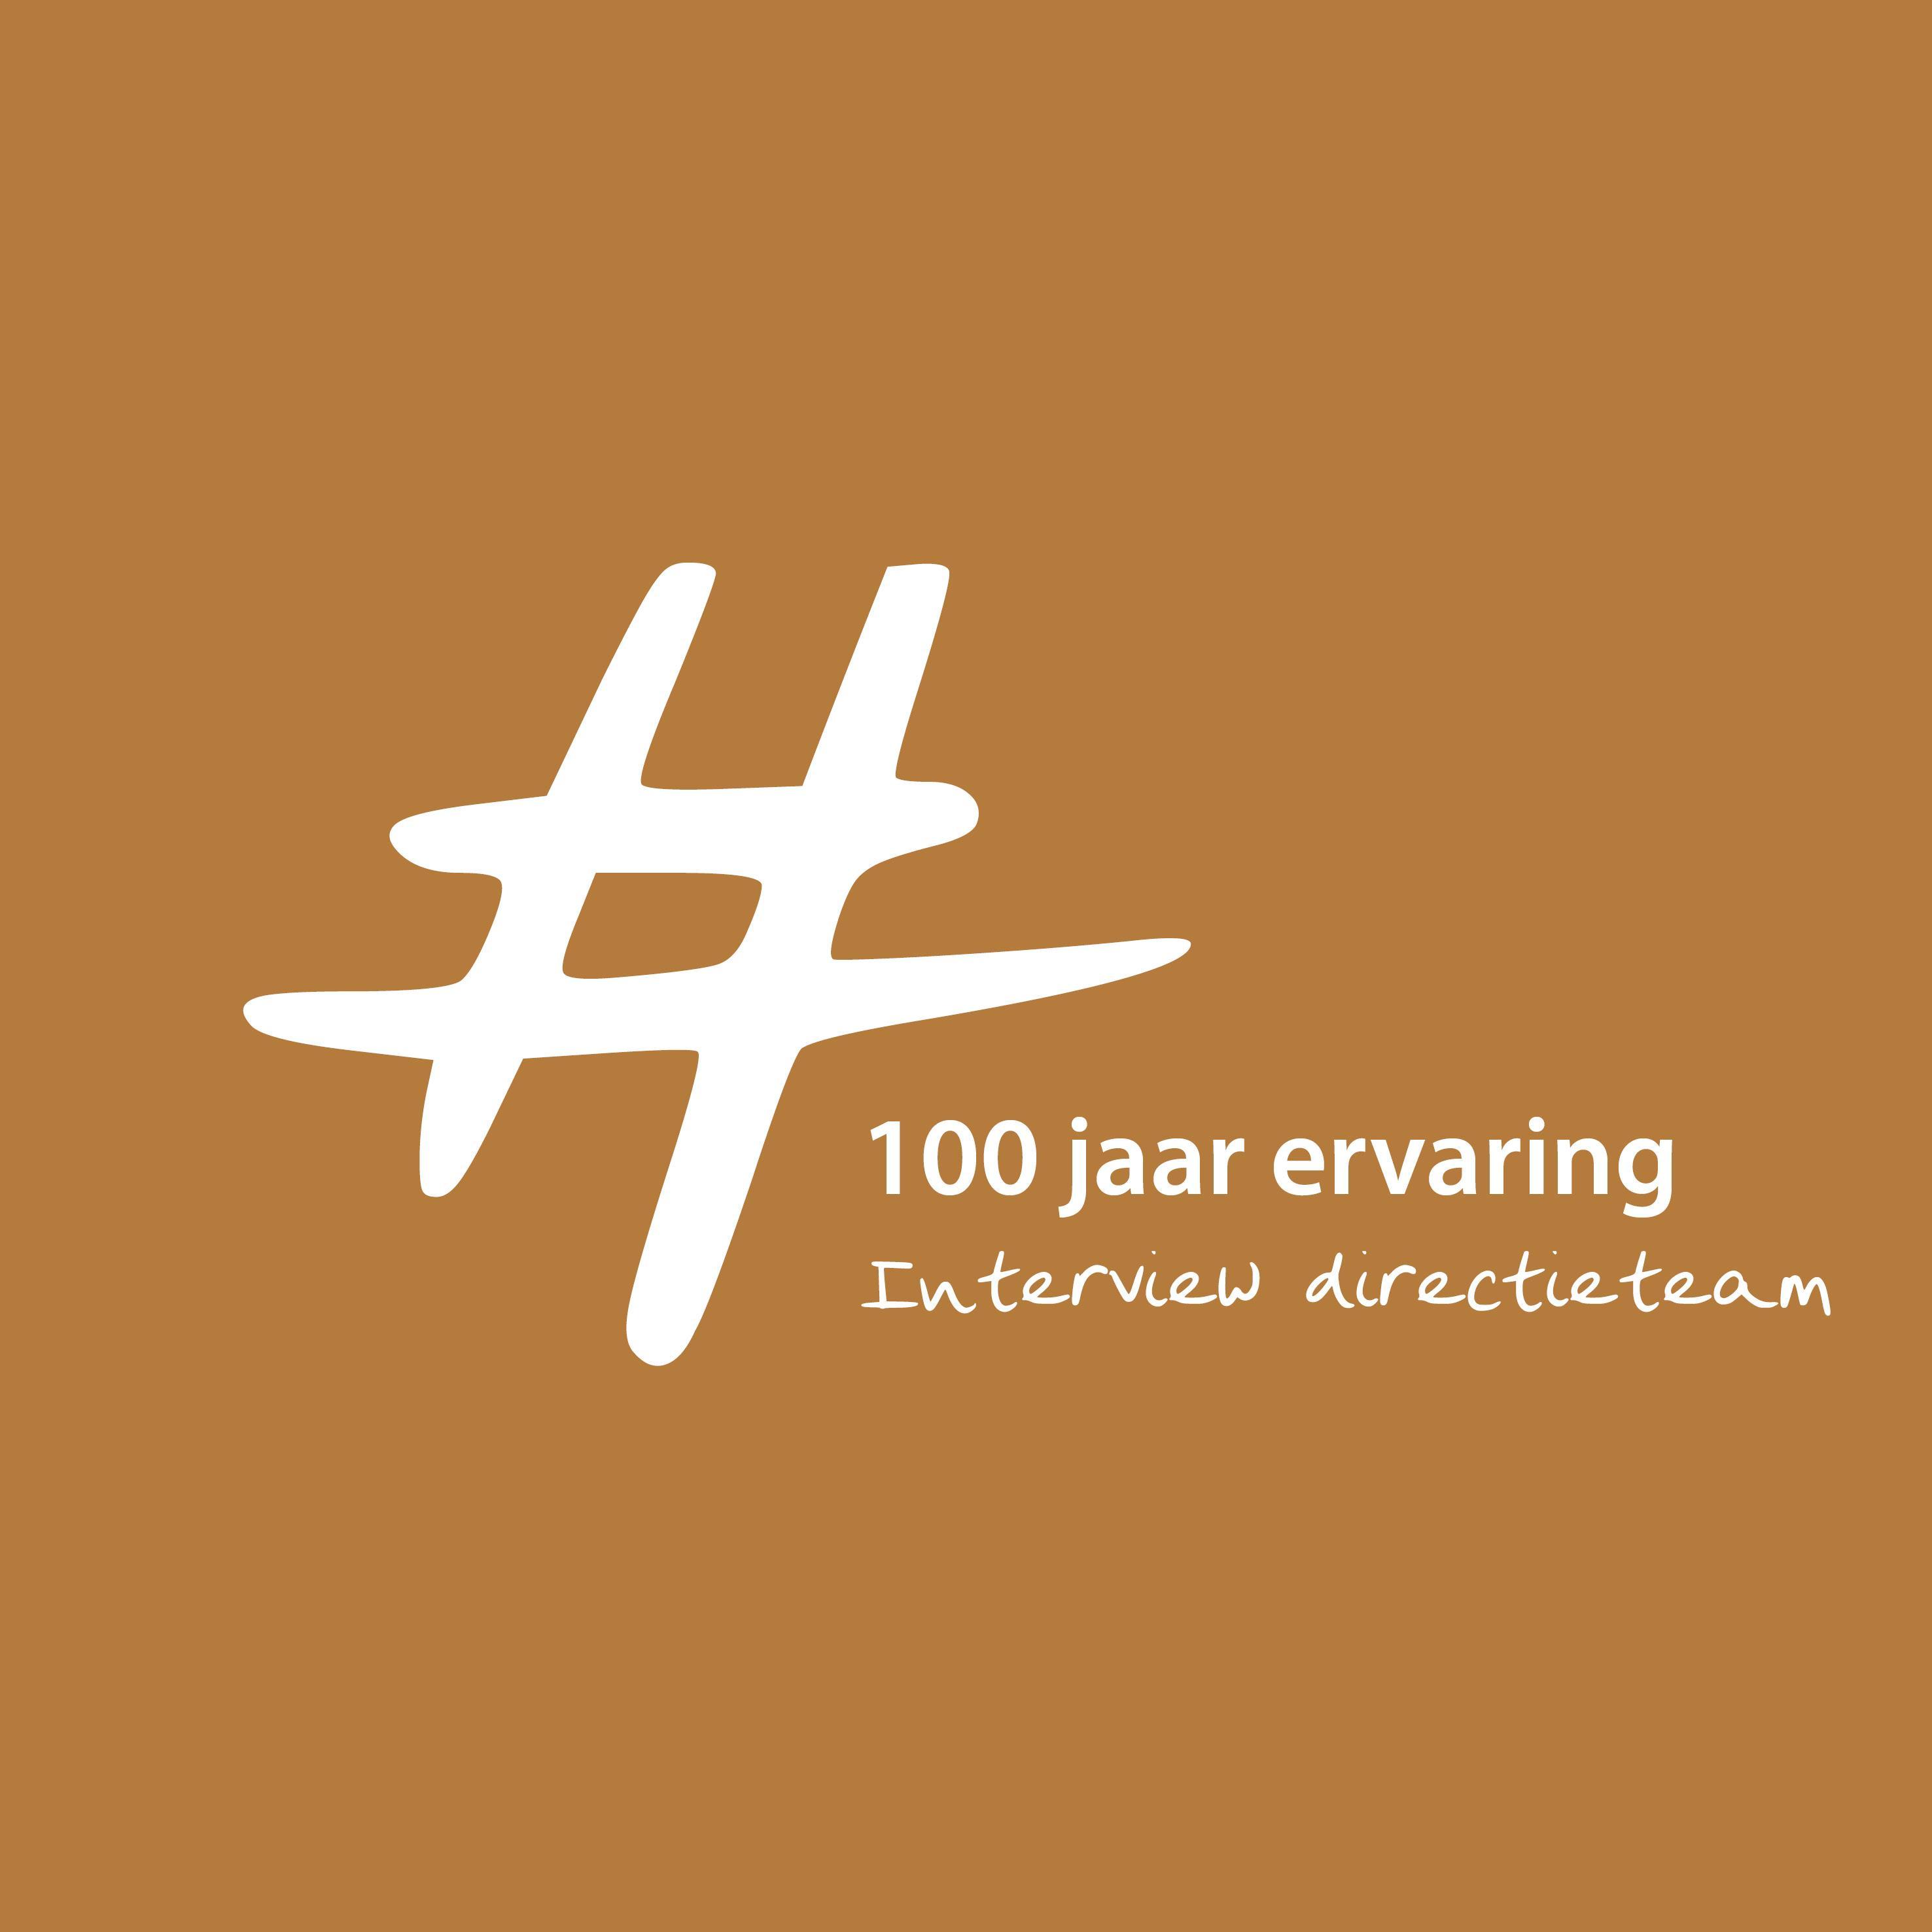 100 jaar dt